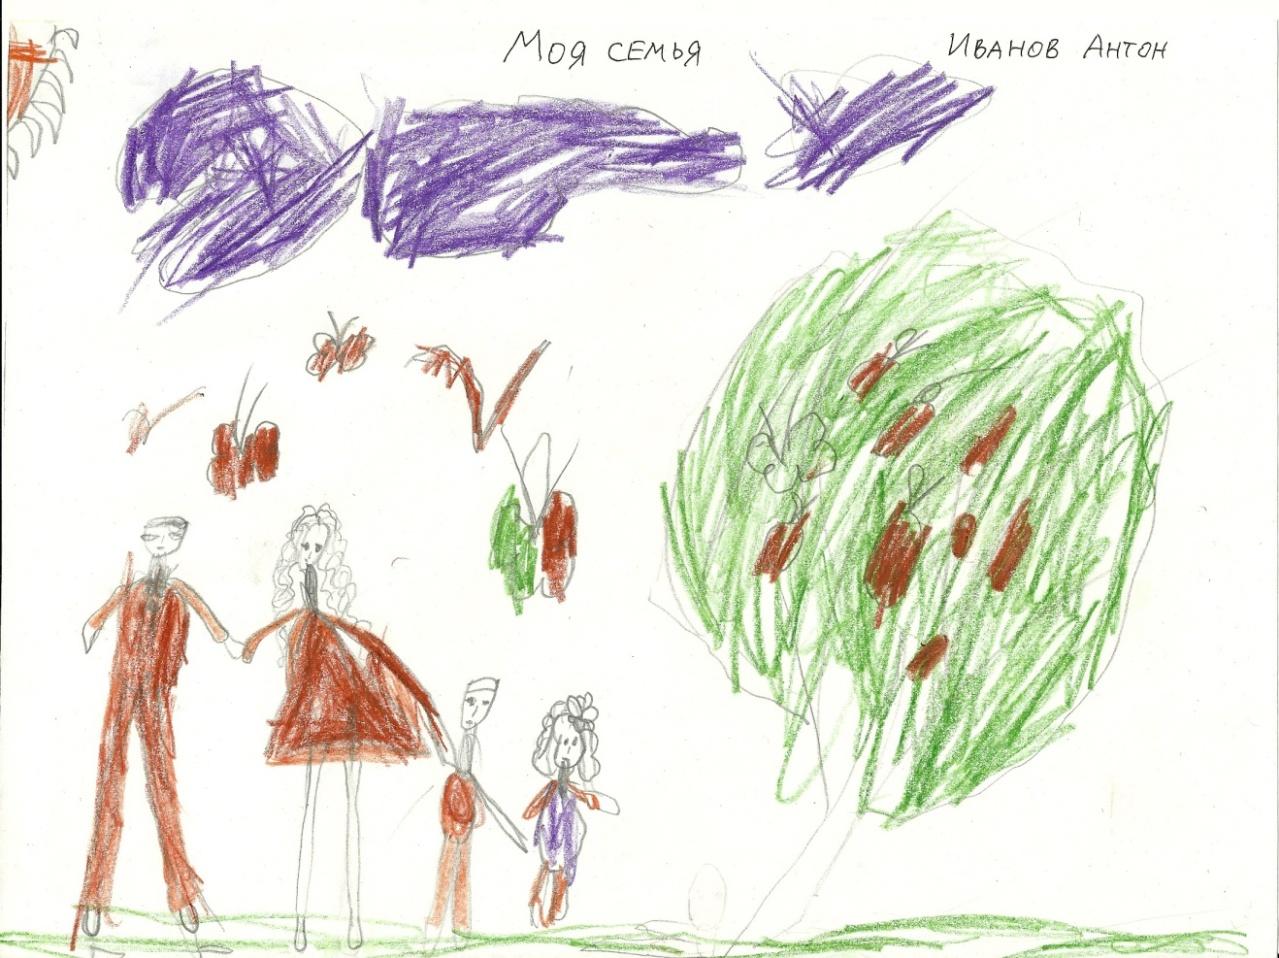 C:\Users\NecroS\Pictures\Мои сканированные изображения\2013-05 (май) Моя семья рисунки детей\сканирование0005.jpg